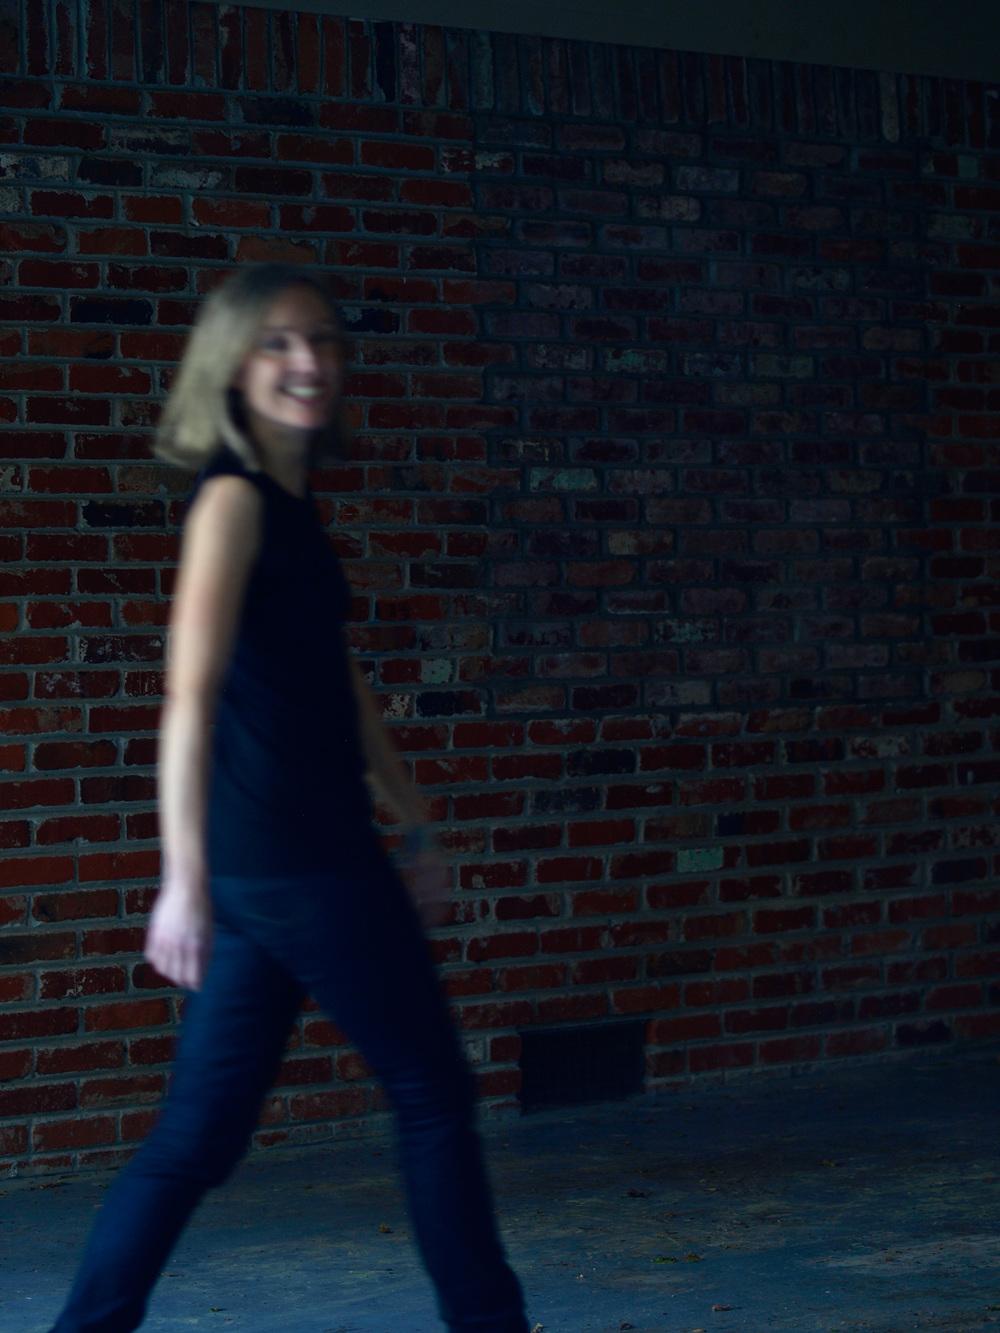 walking away 2 revised.jpg